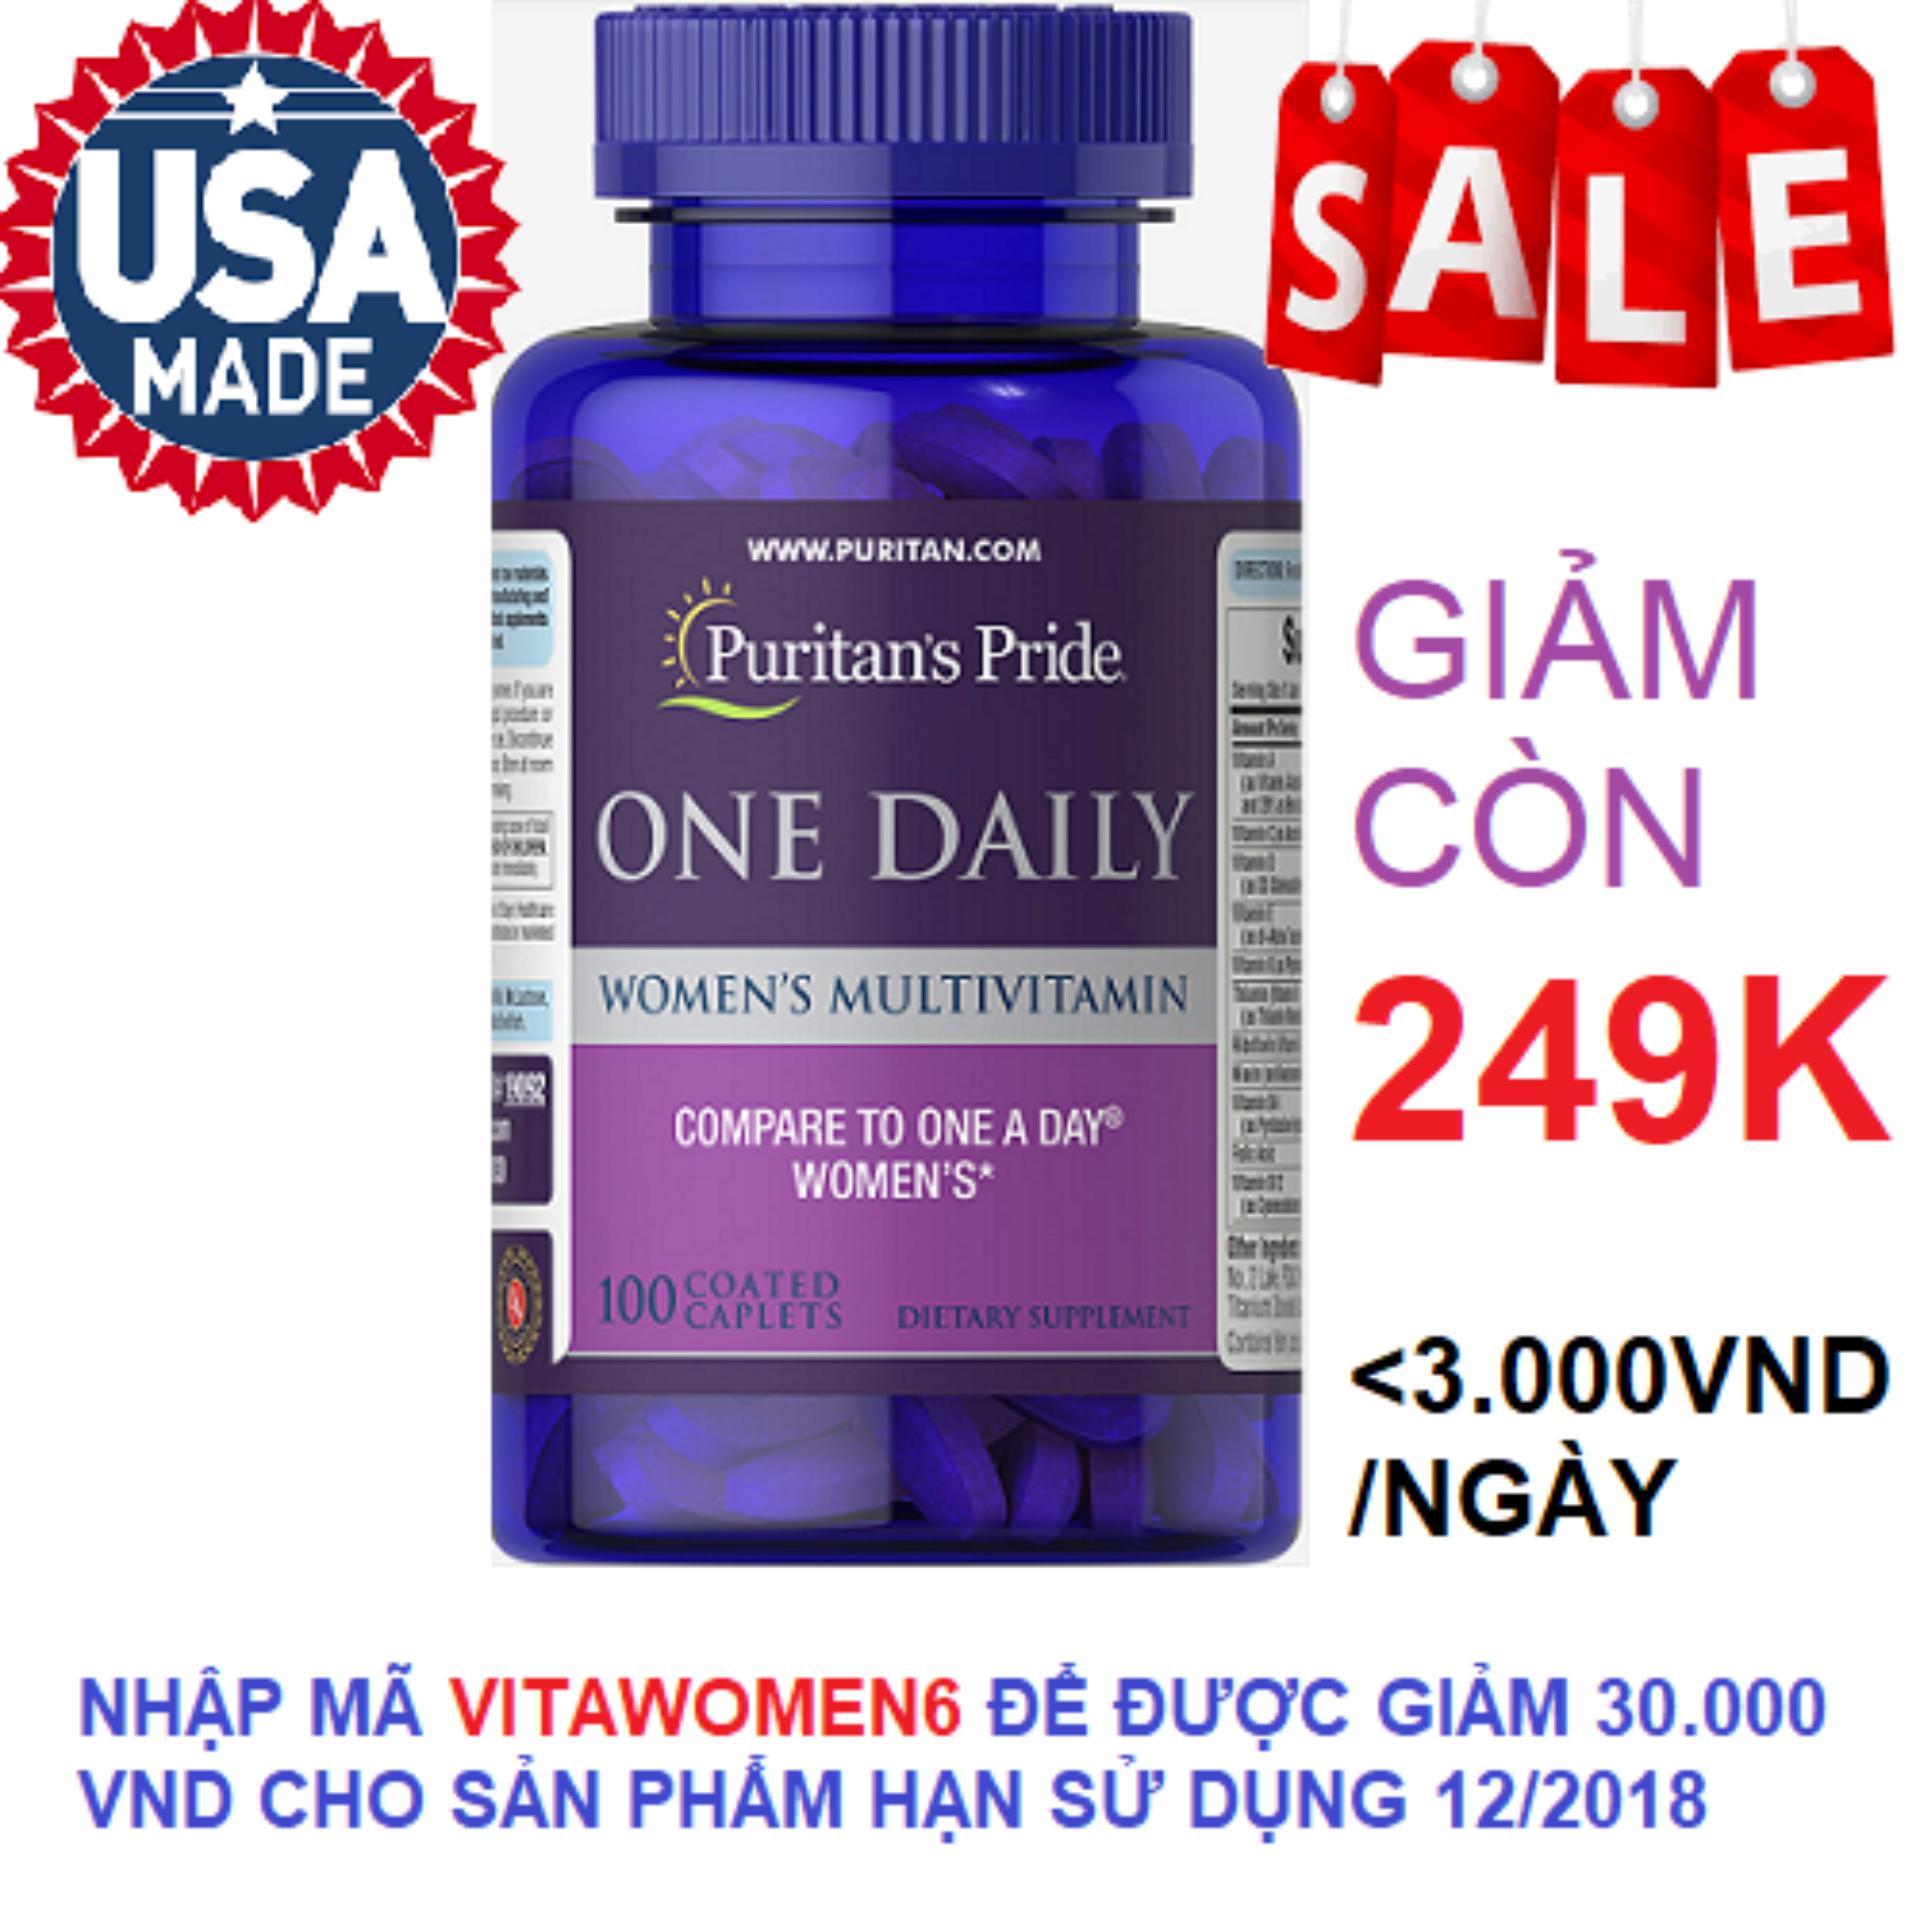 Vitamin tổng hợp cho phụ nữ 1 viên/ngày Puritan's Pride...